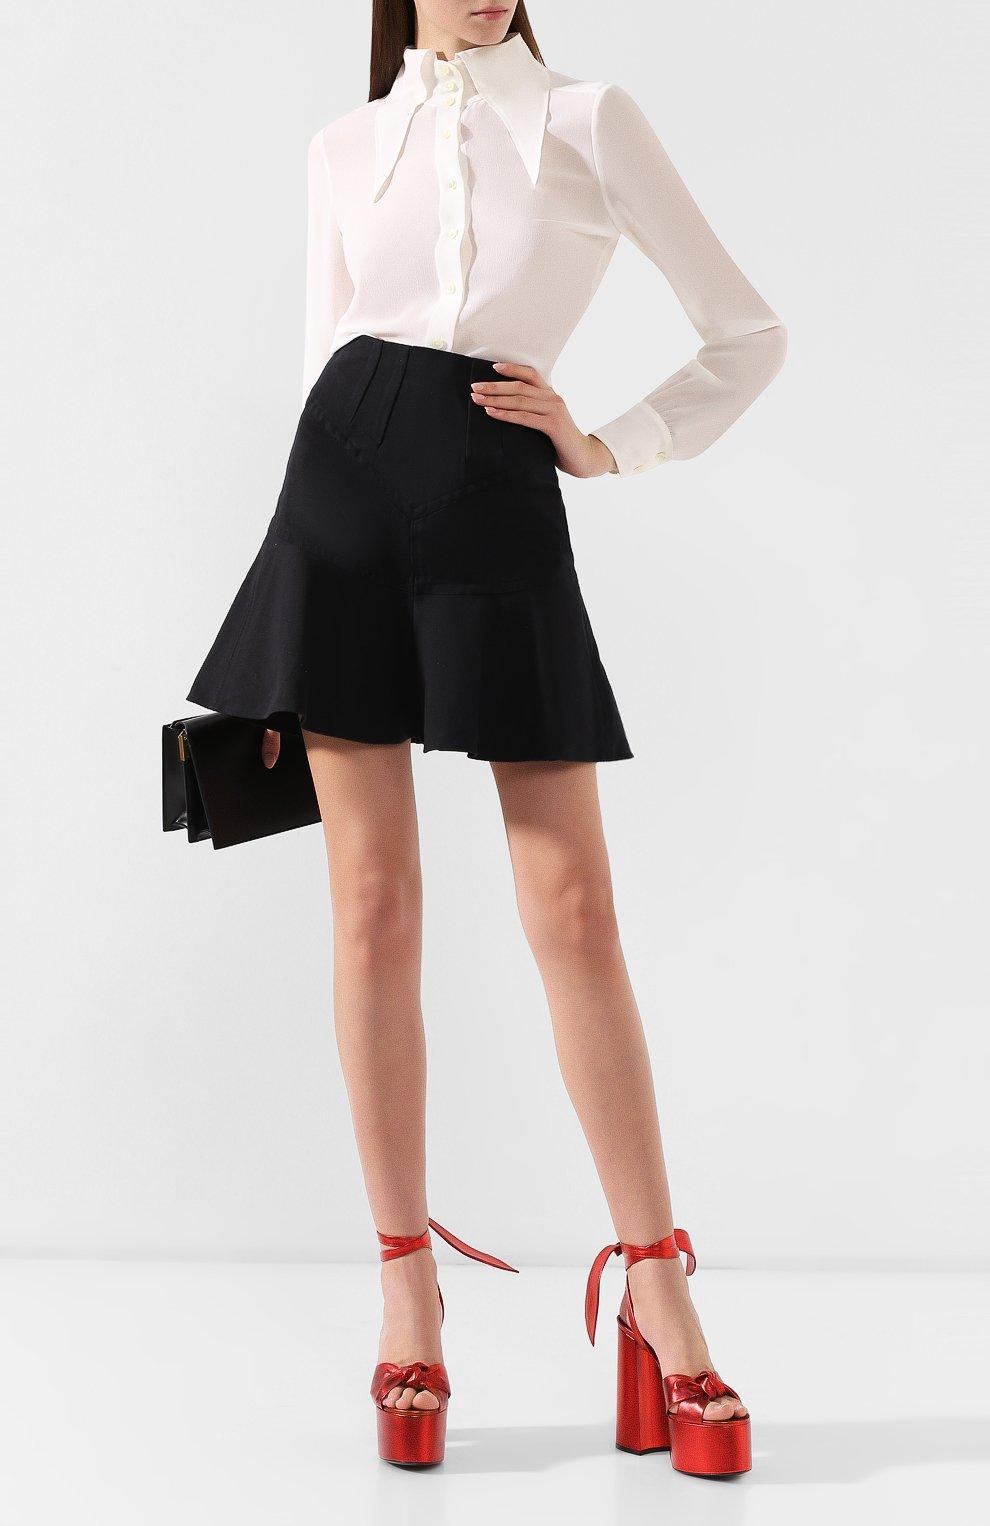 Кожаные босоножки Paige Saint Laurent красные   Фото №2